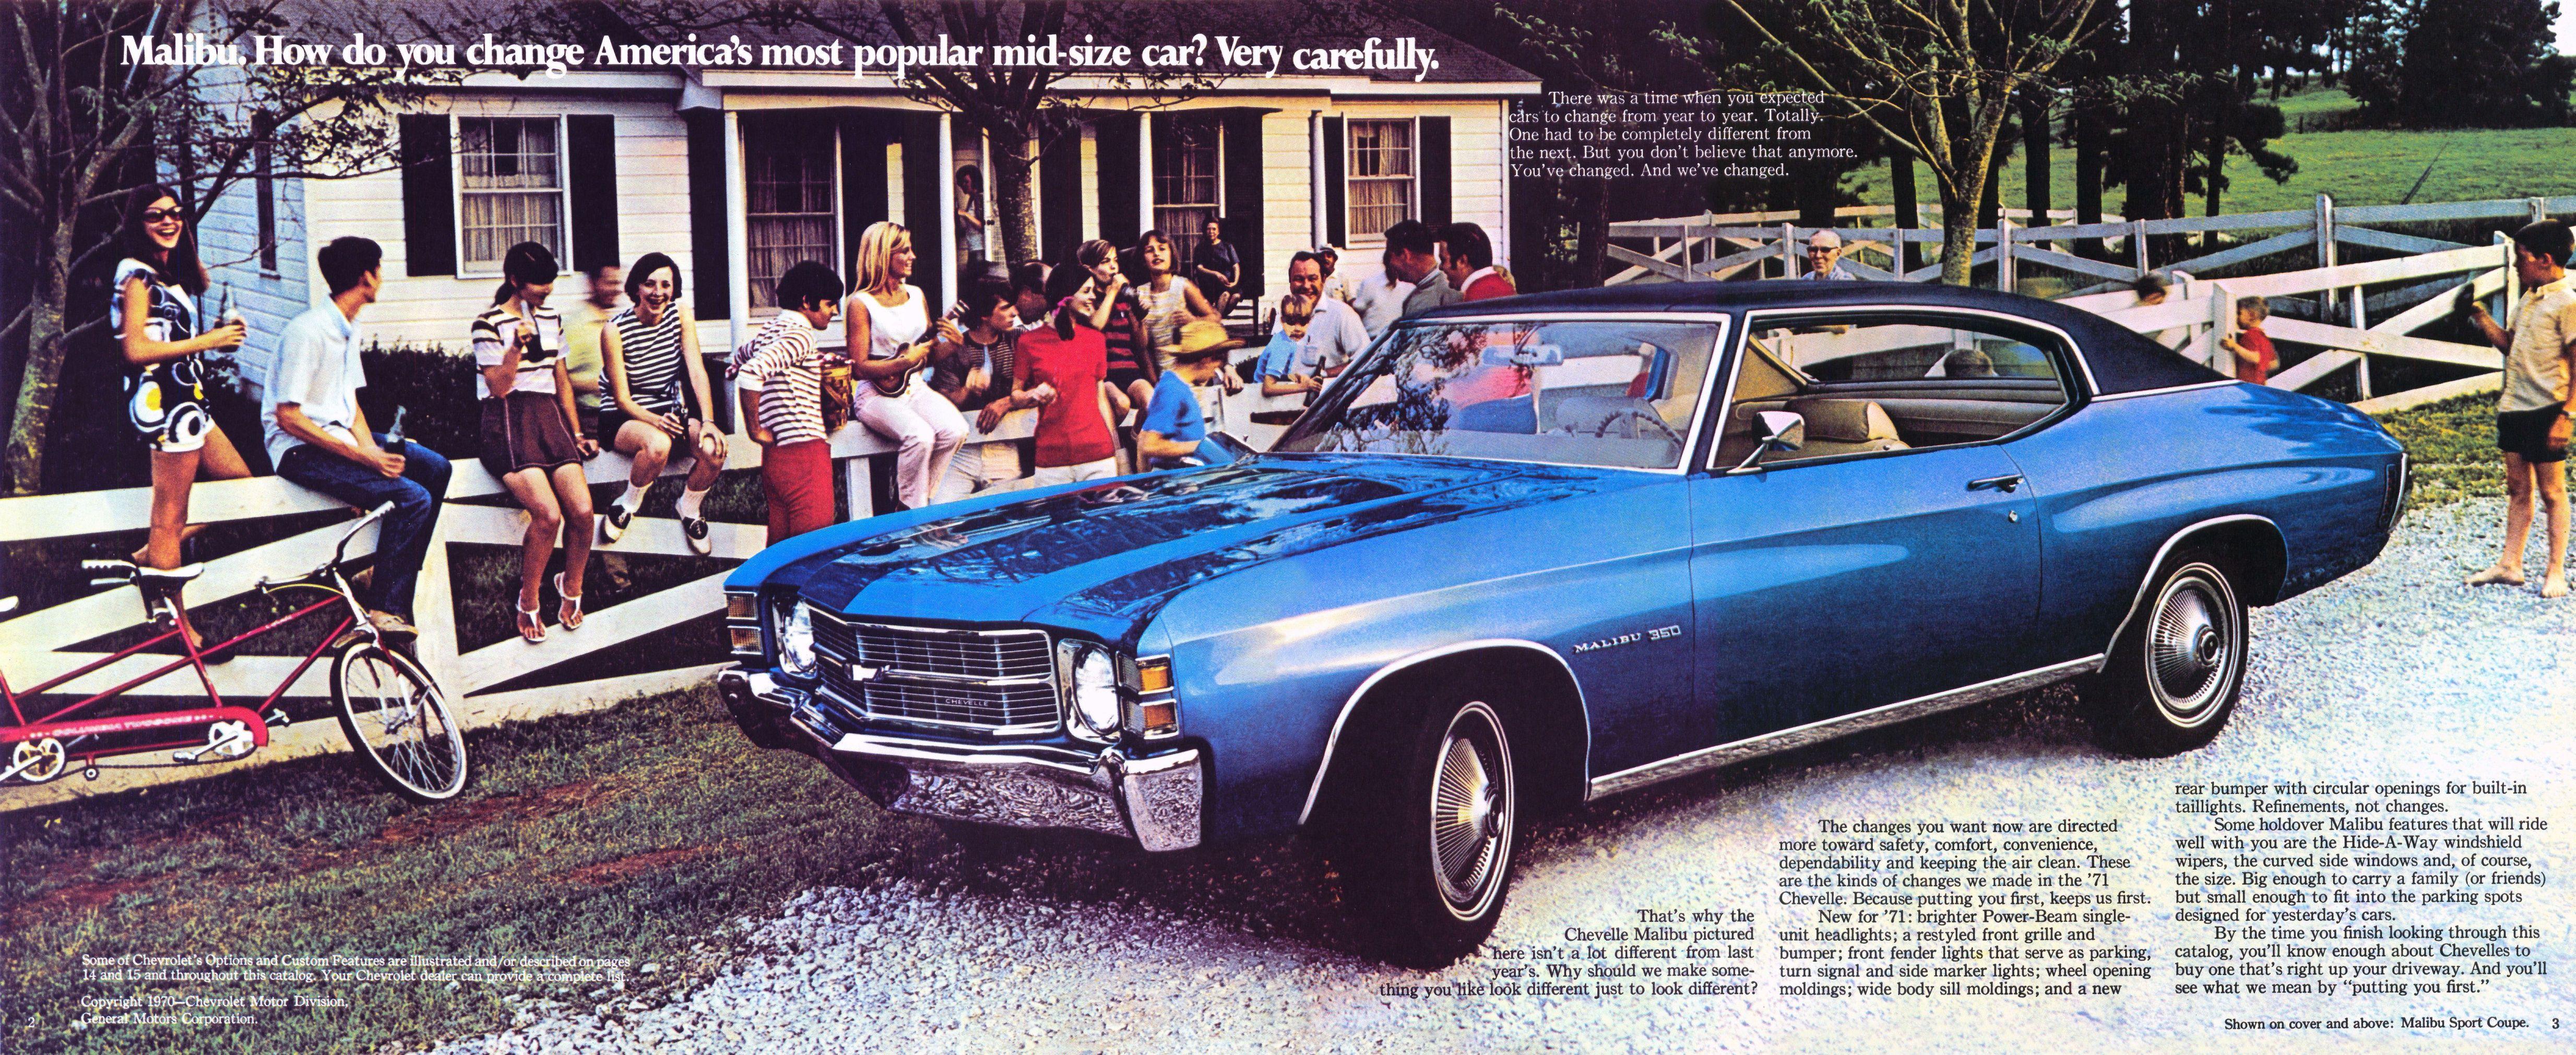 1971 Chevrolet Chevelle brochure